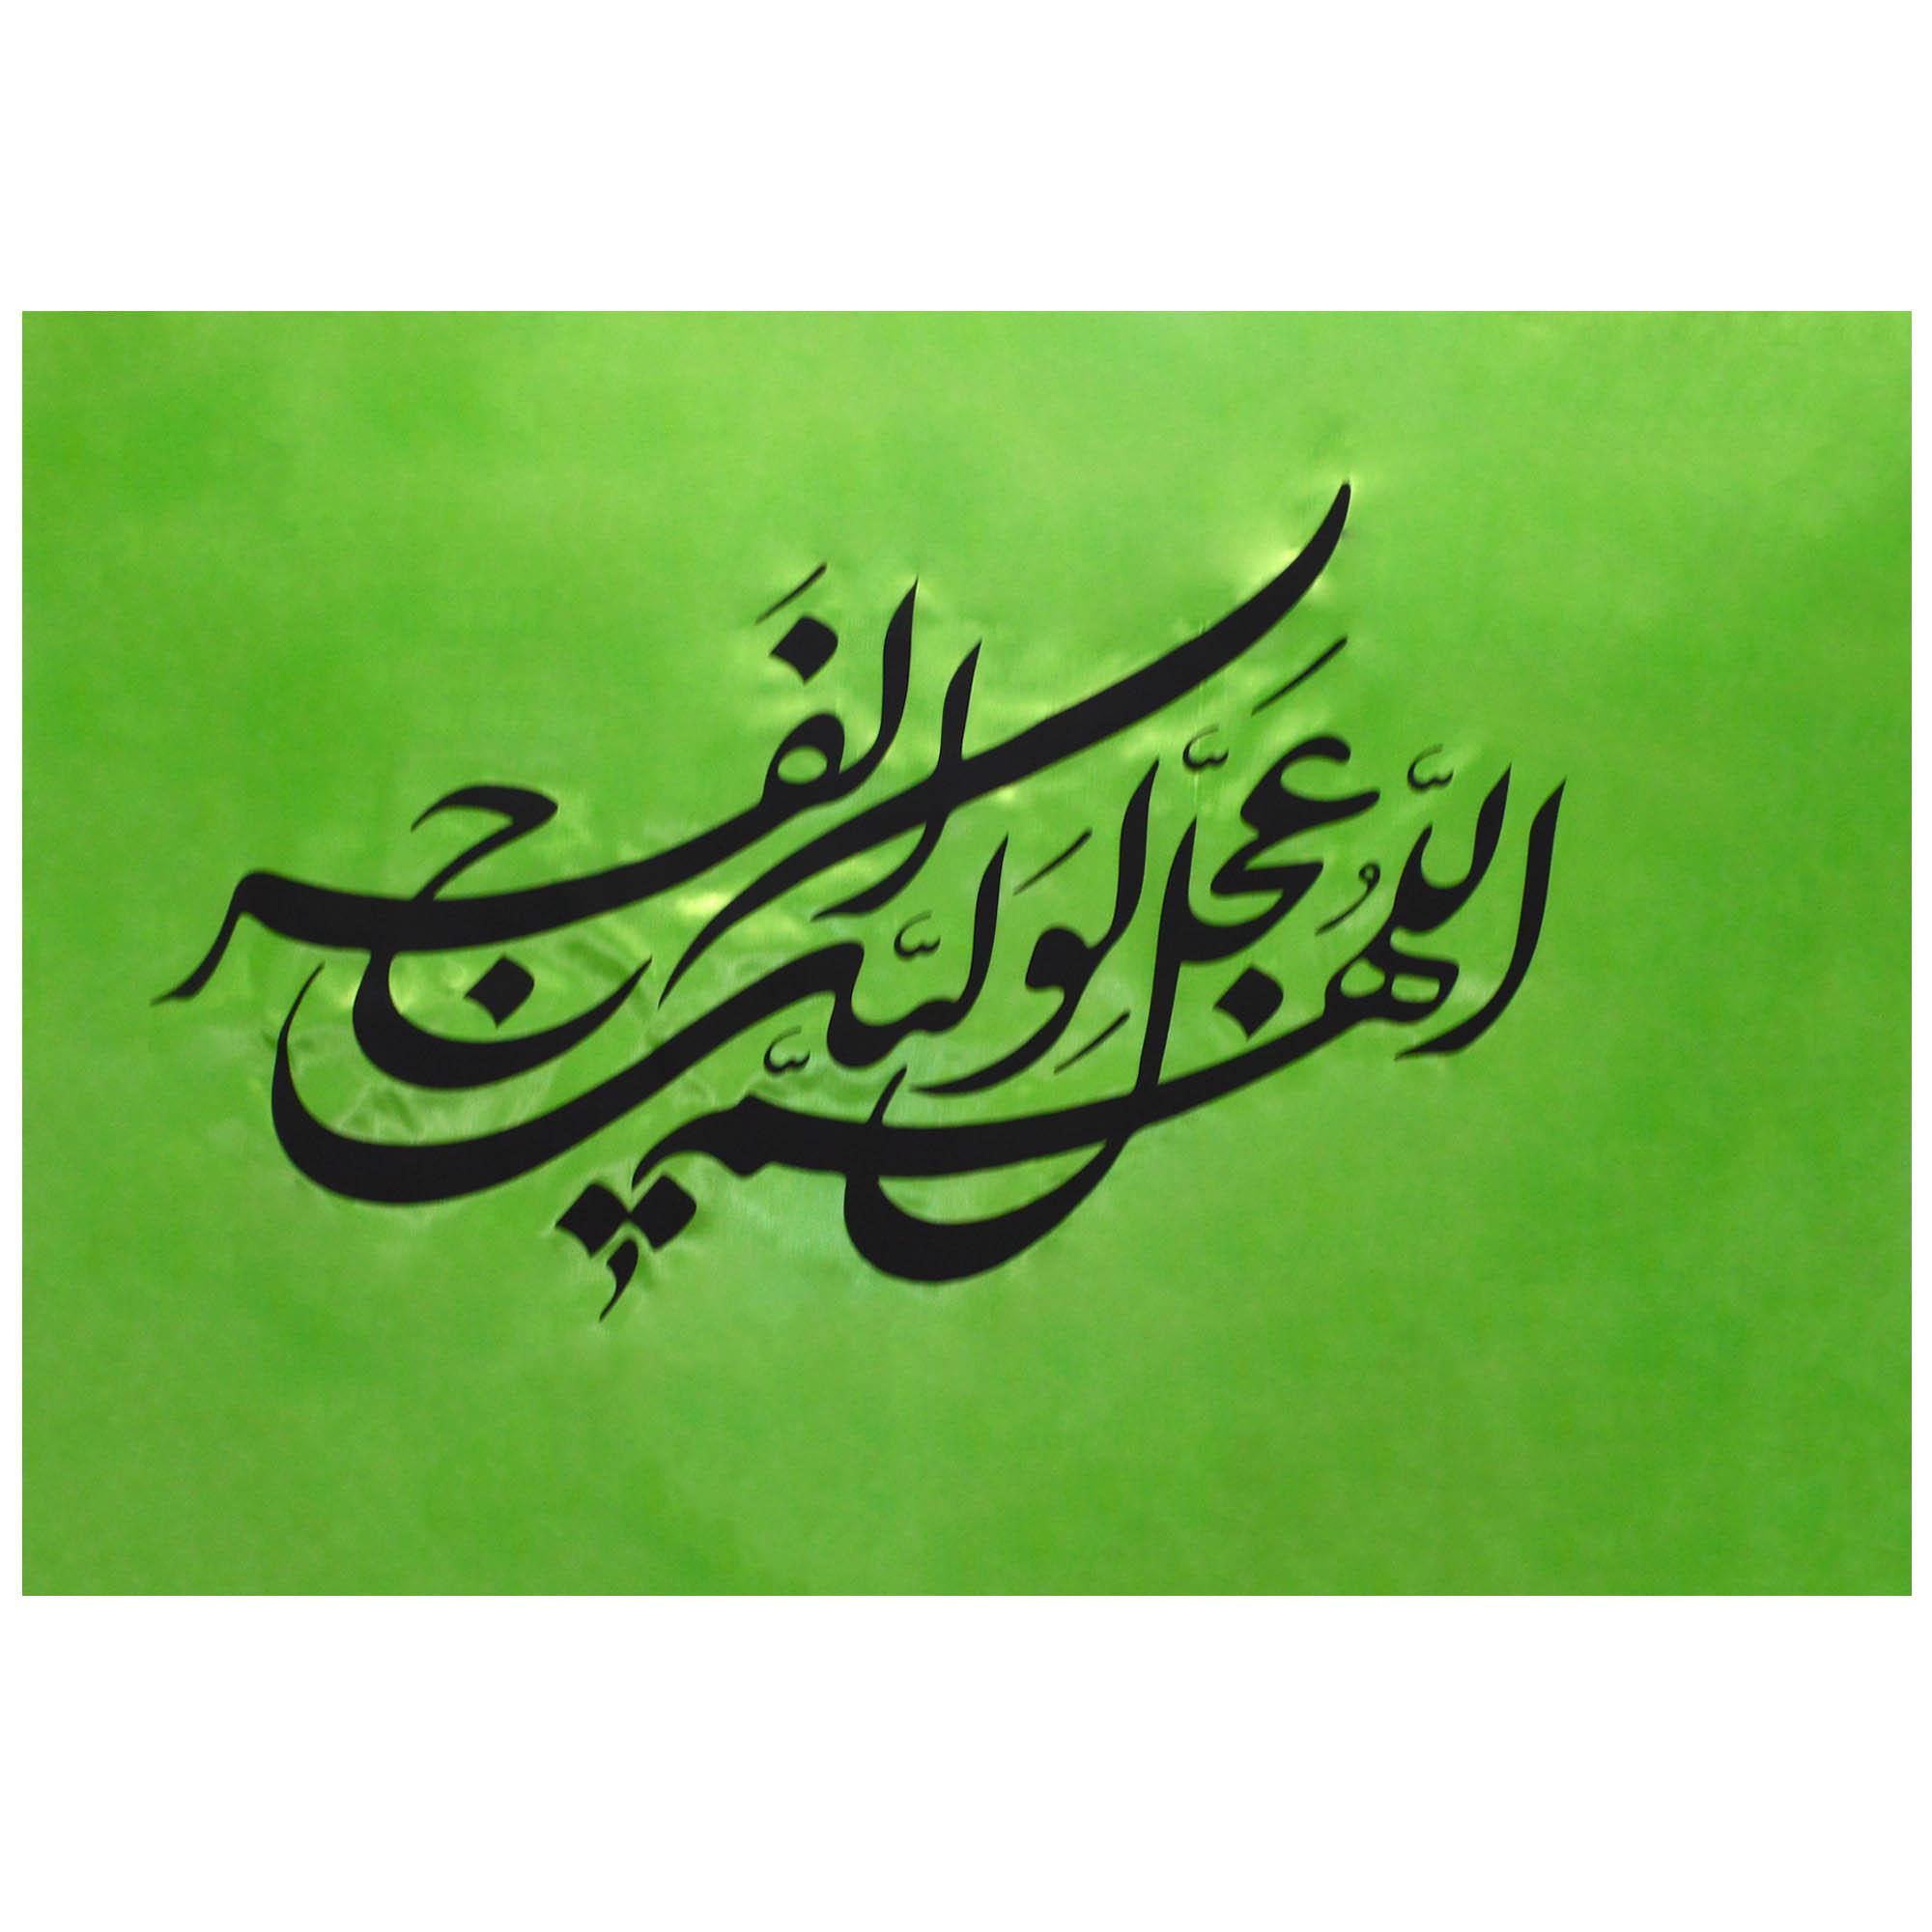 پرچم طرح اللهم عجل لولیک الفرج کد 002